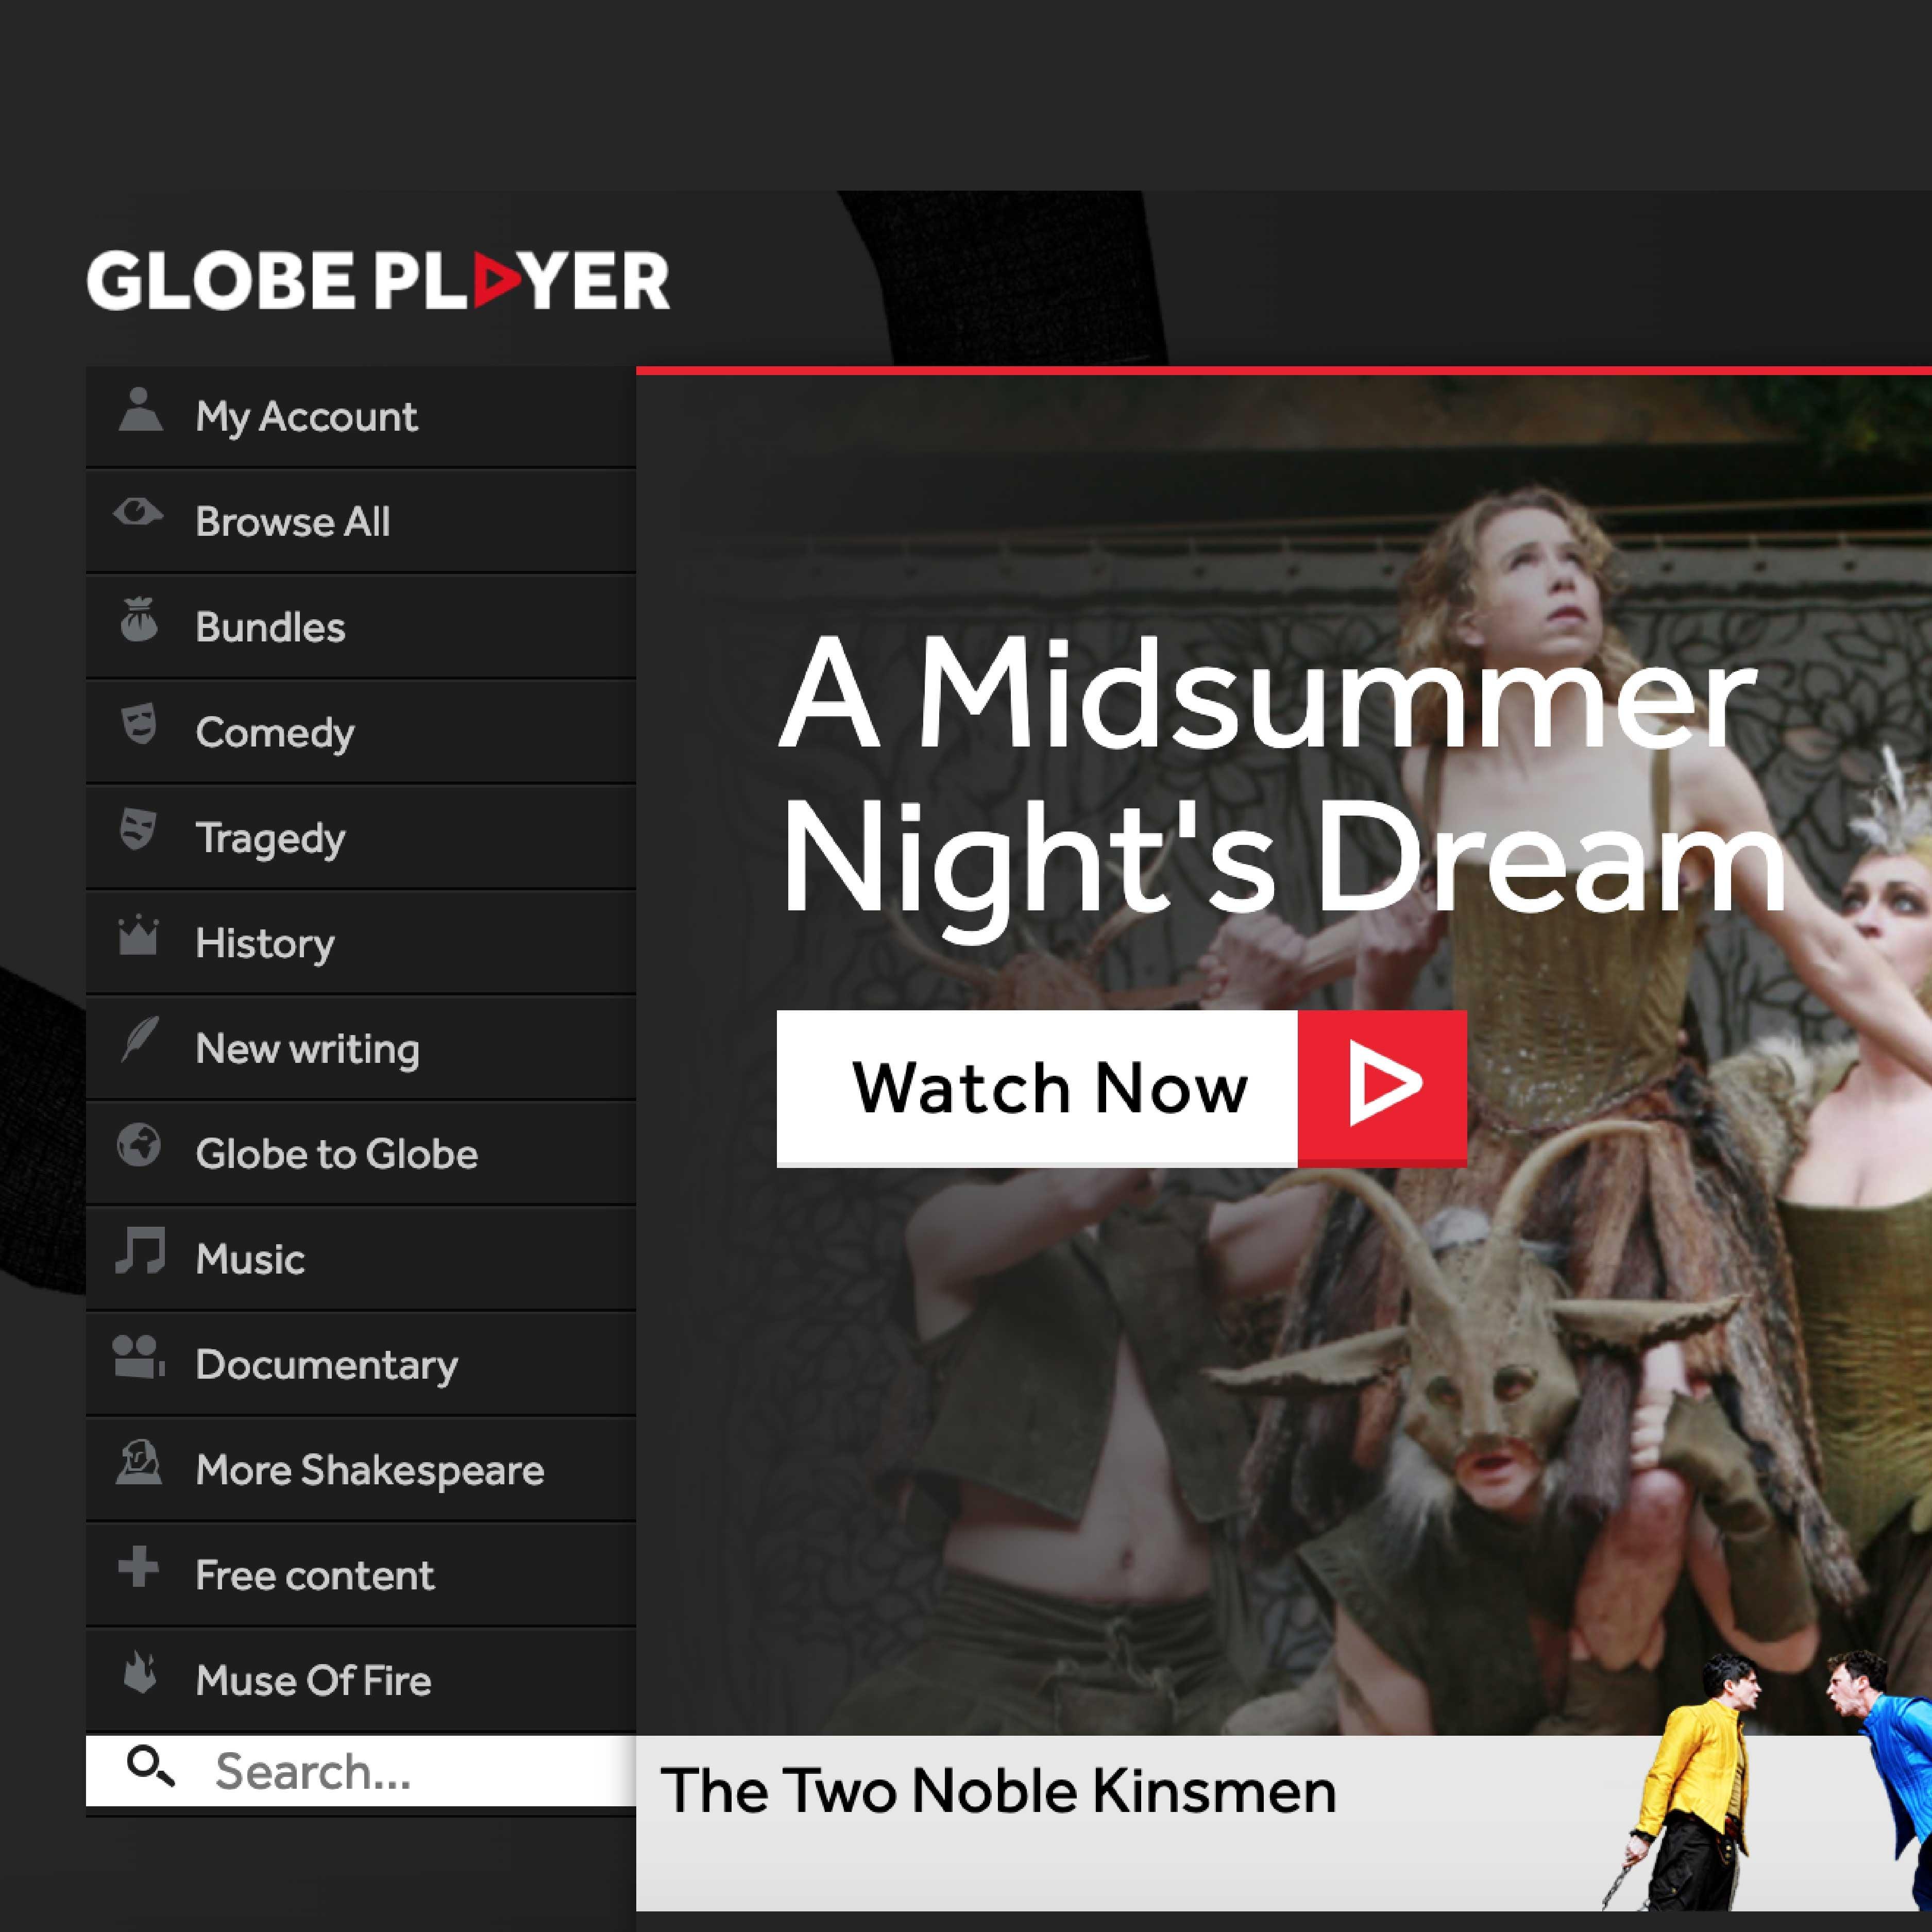 GlobePlayer-01.jpg